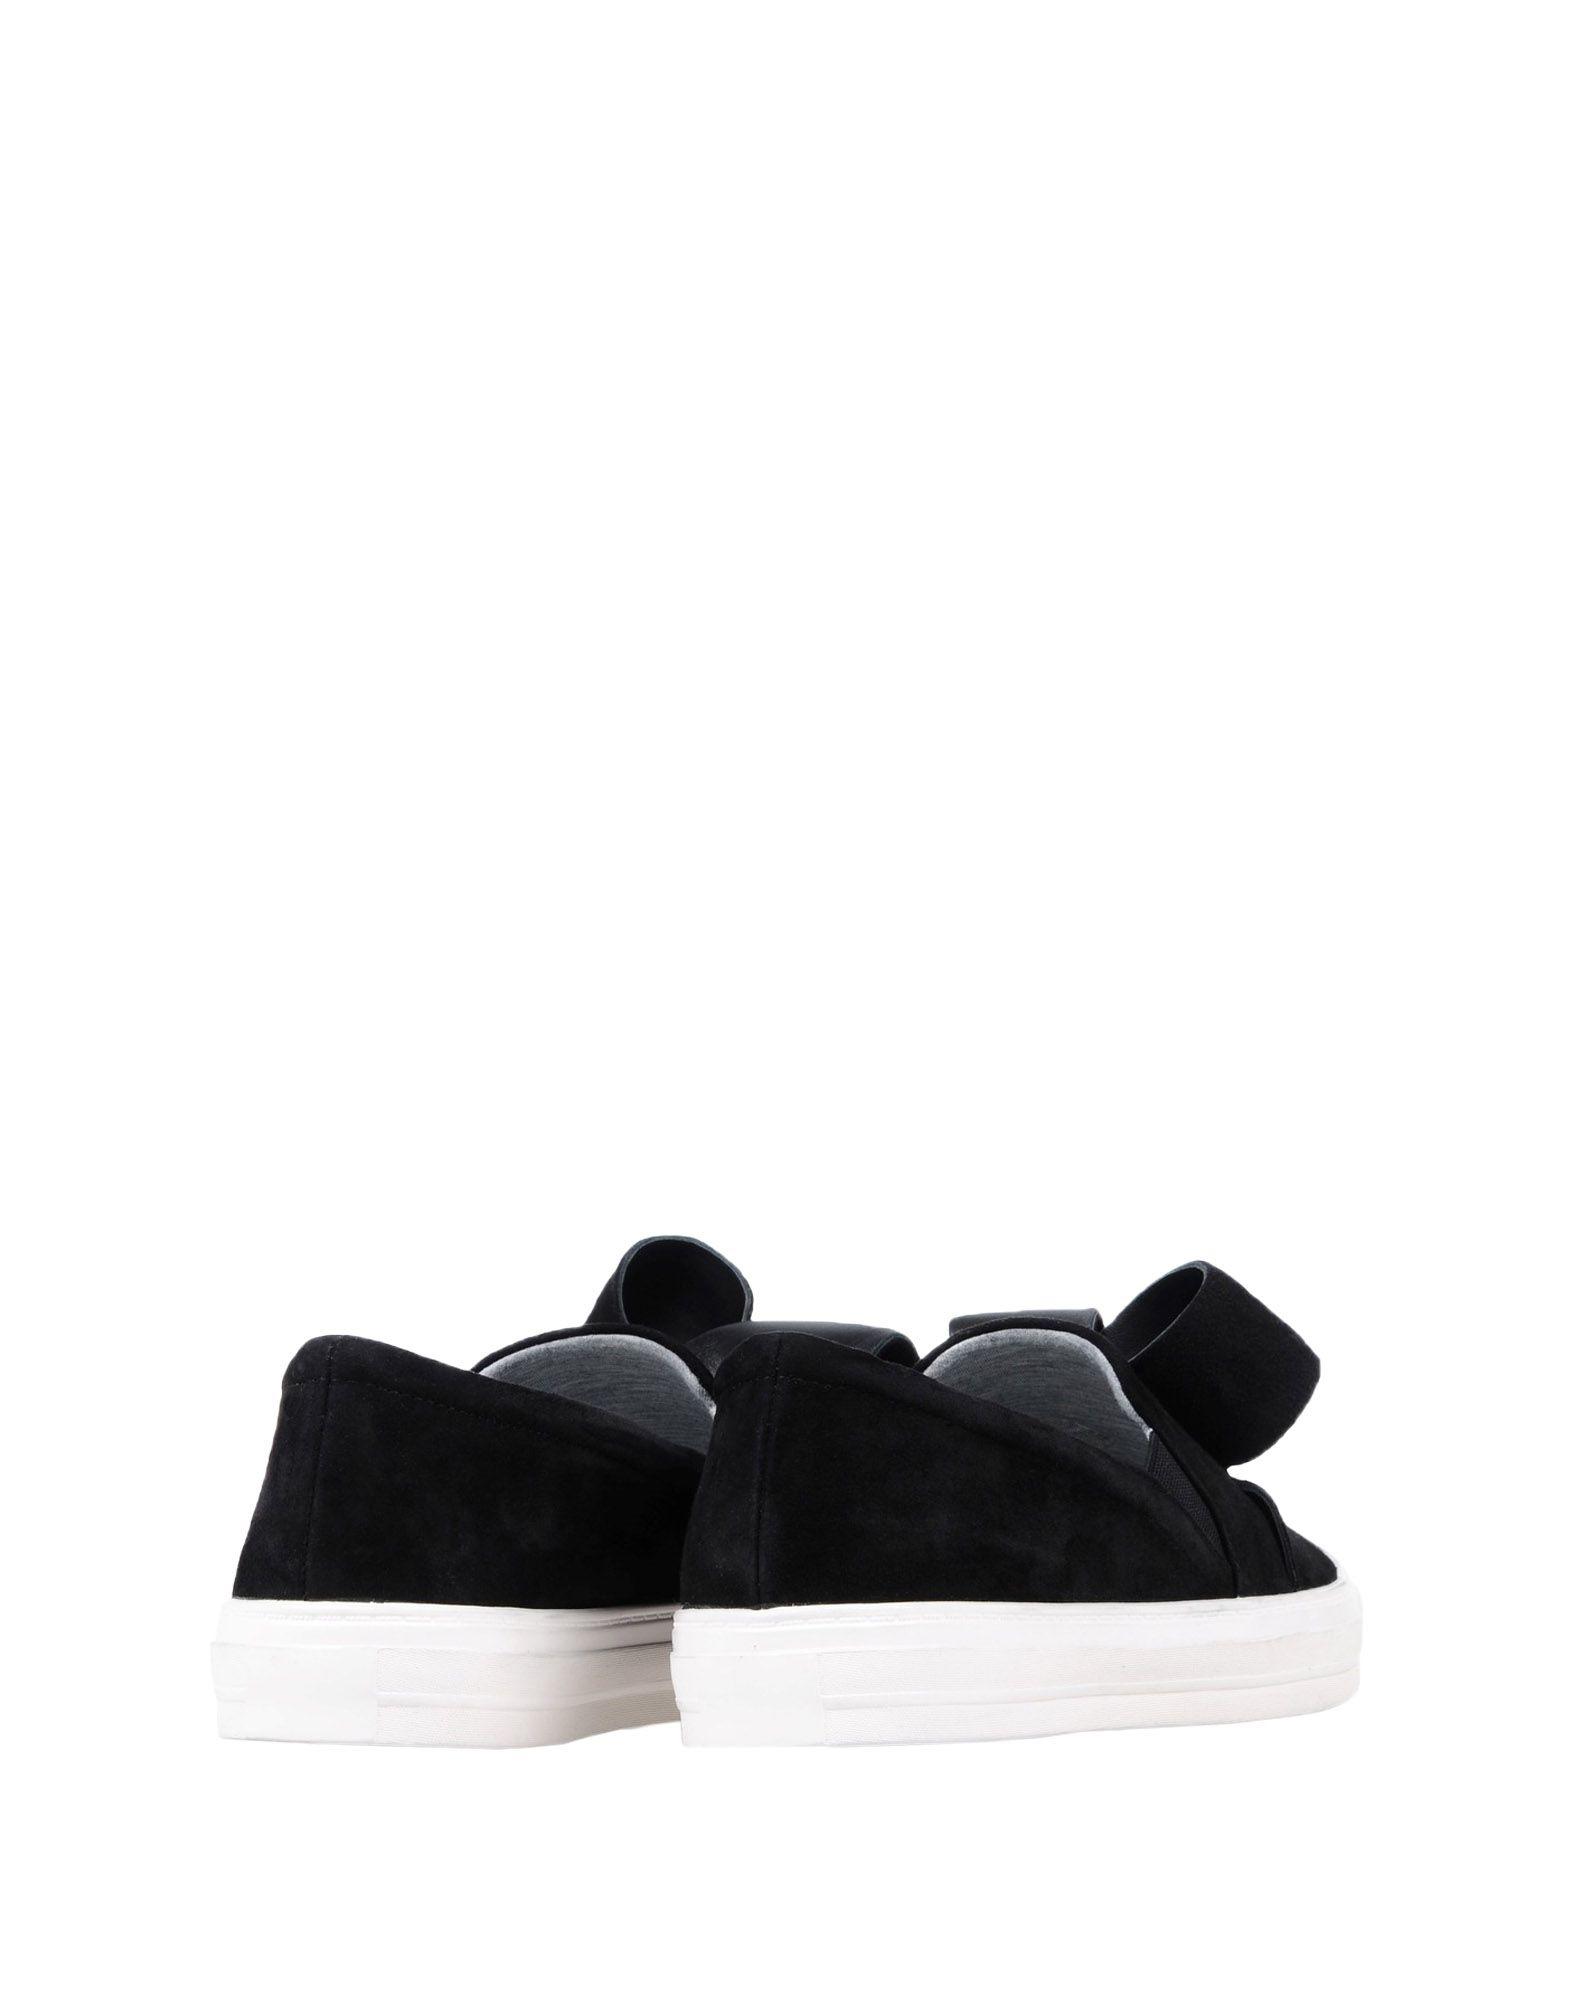 Nine West Sneakers Damen Gute  11444419UX Gute Damen Qualität beliebte Schuhe ad602e